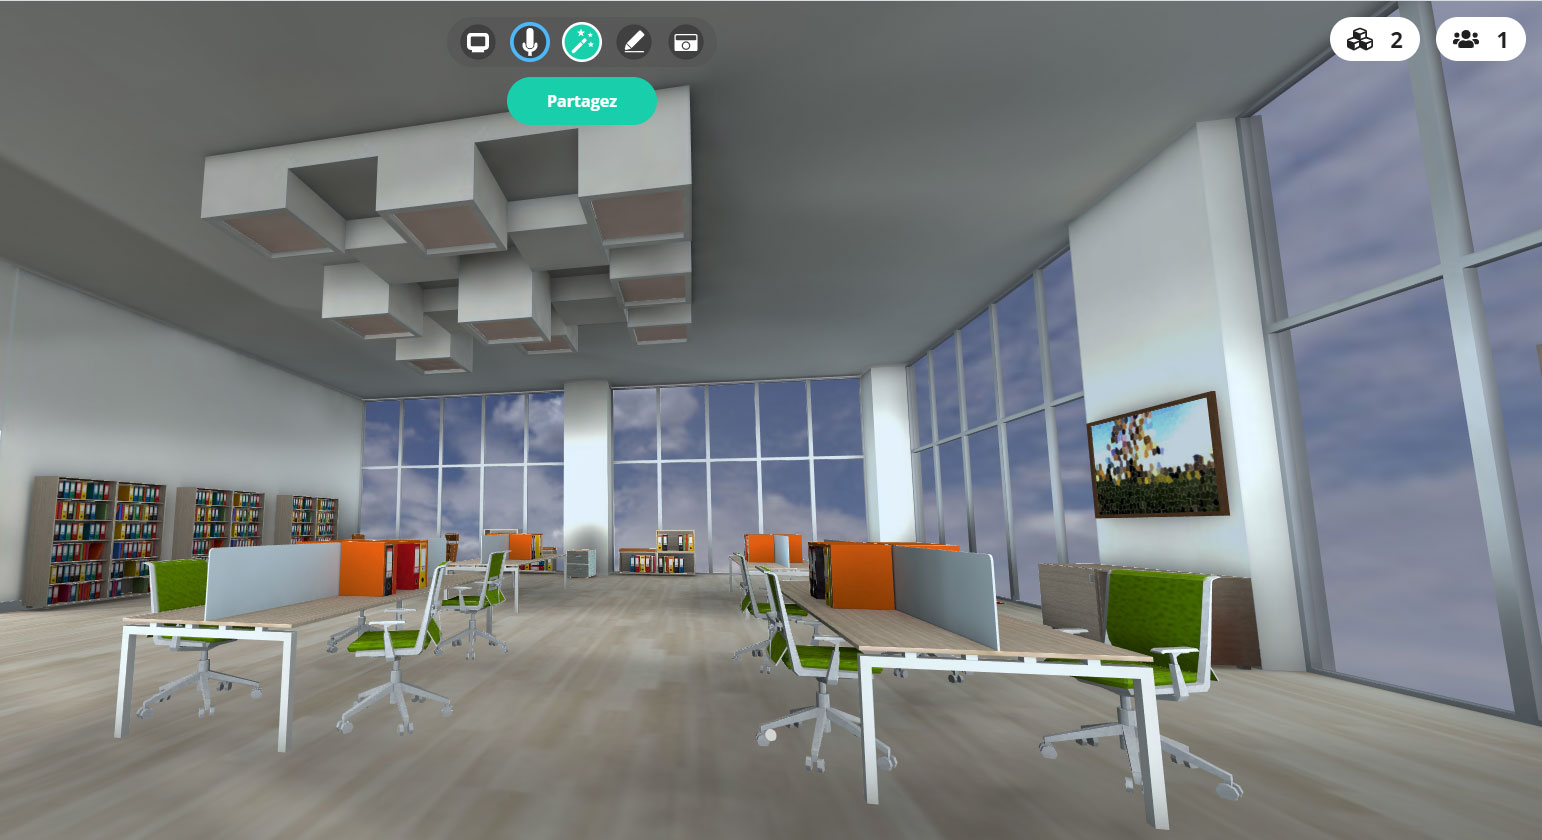 Classe virtuelle 3D